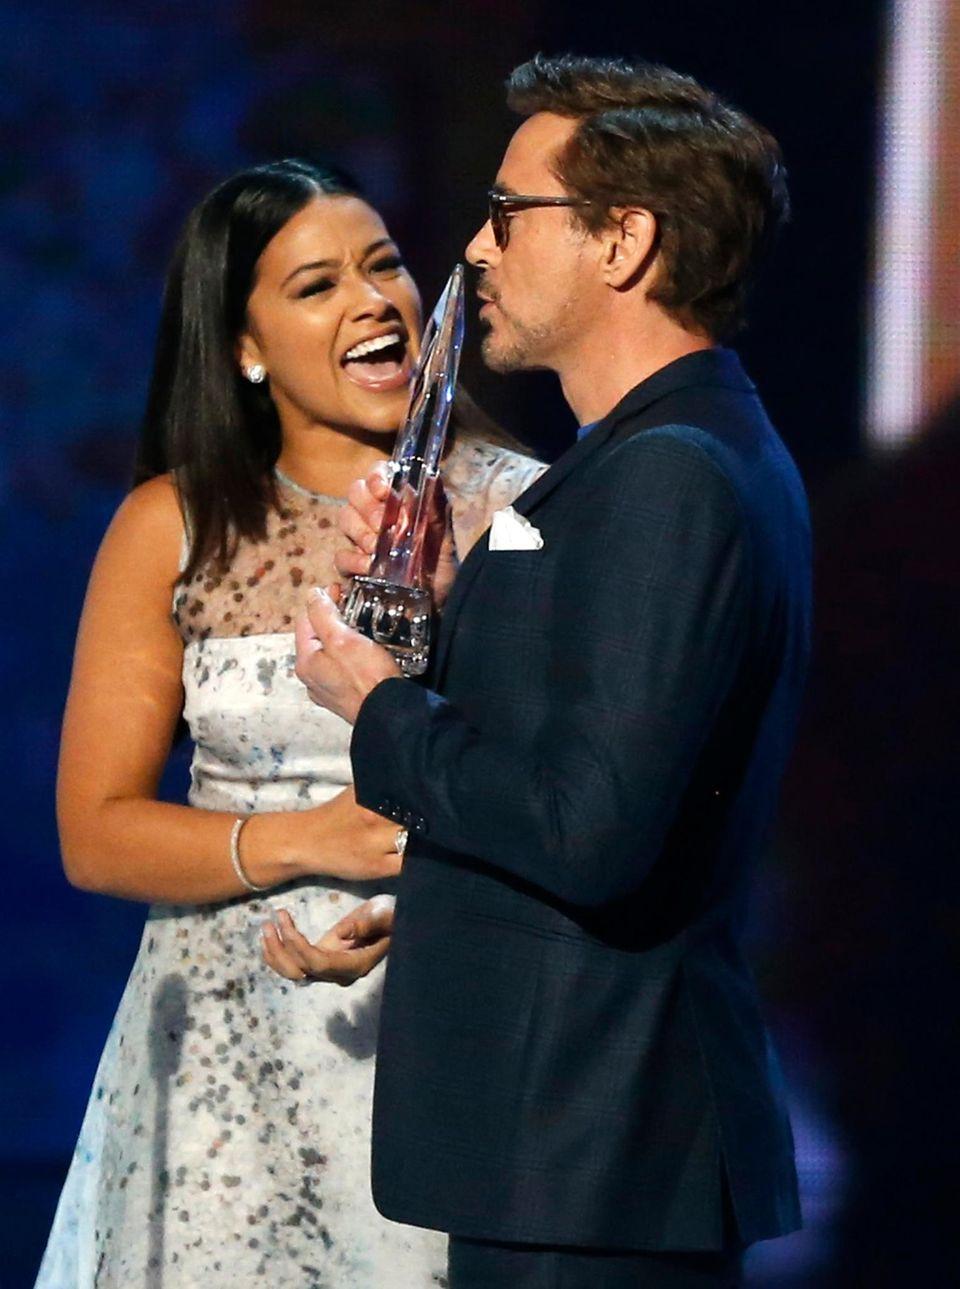 Robert Downey Jr. wird der Preis als beliebtester Filmdarsteller von Gina Rodriguez überreicht.